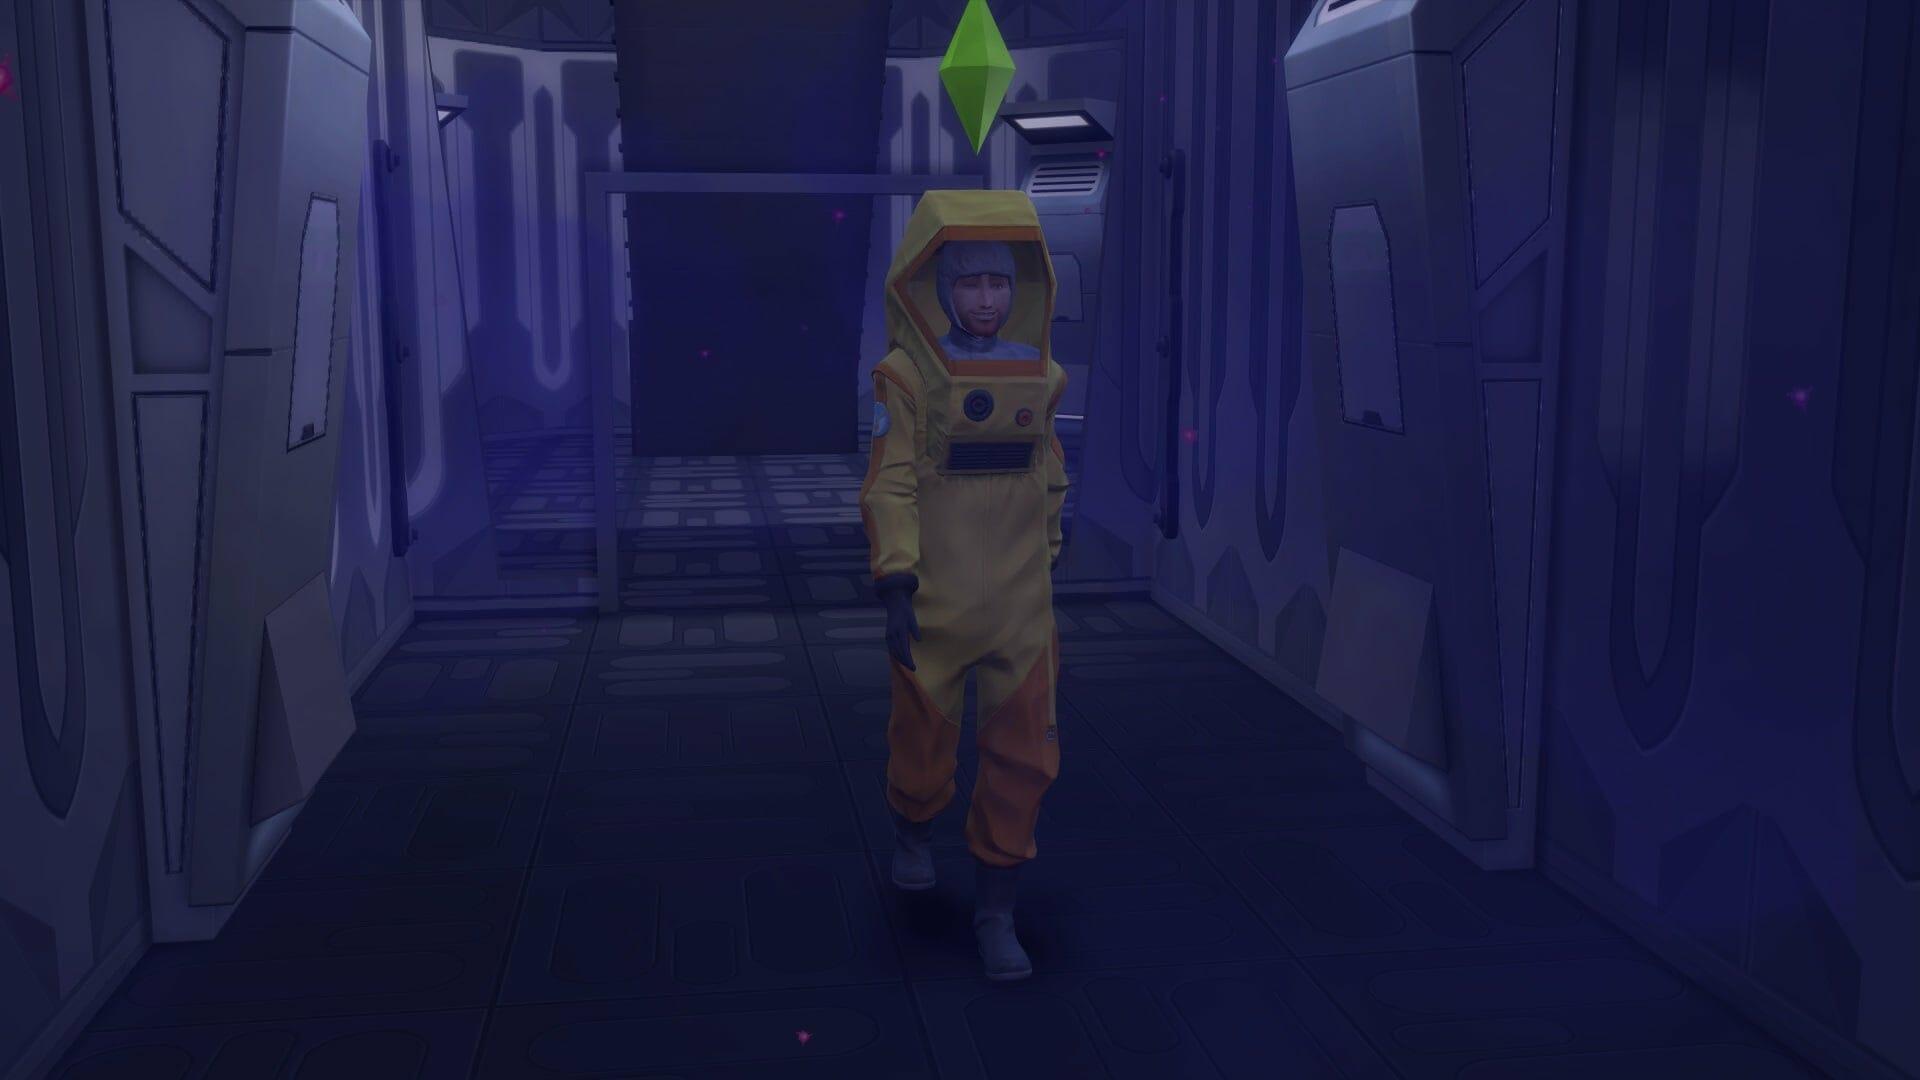 Costume sims 4 stranger ville